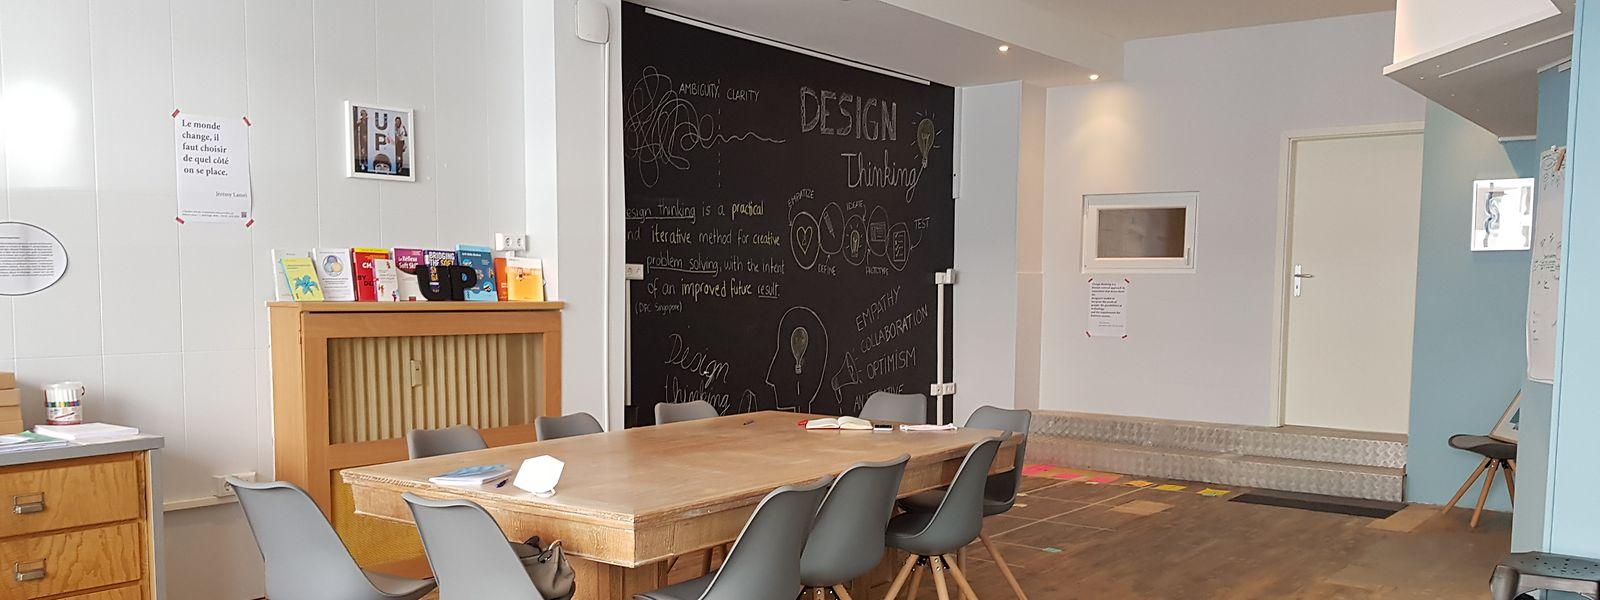 In ihren Räumlichkeiten in Esch bietet die Stiftung regelmäßig Workshops an.